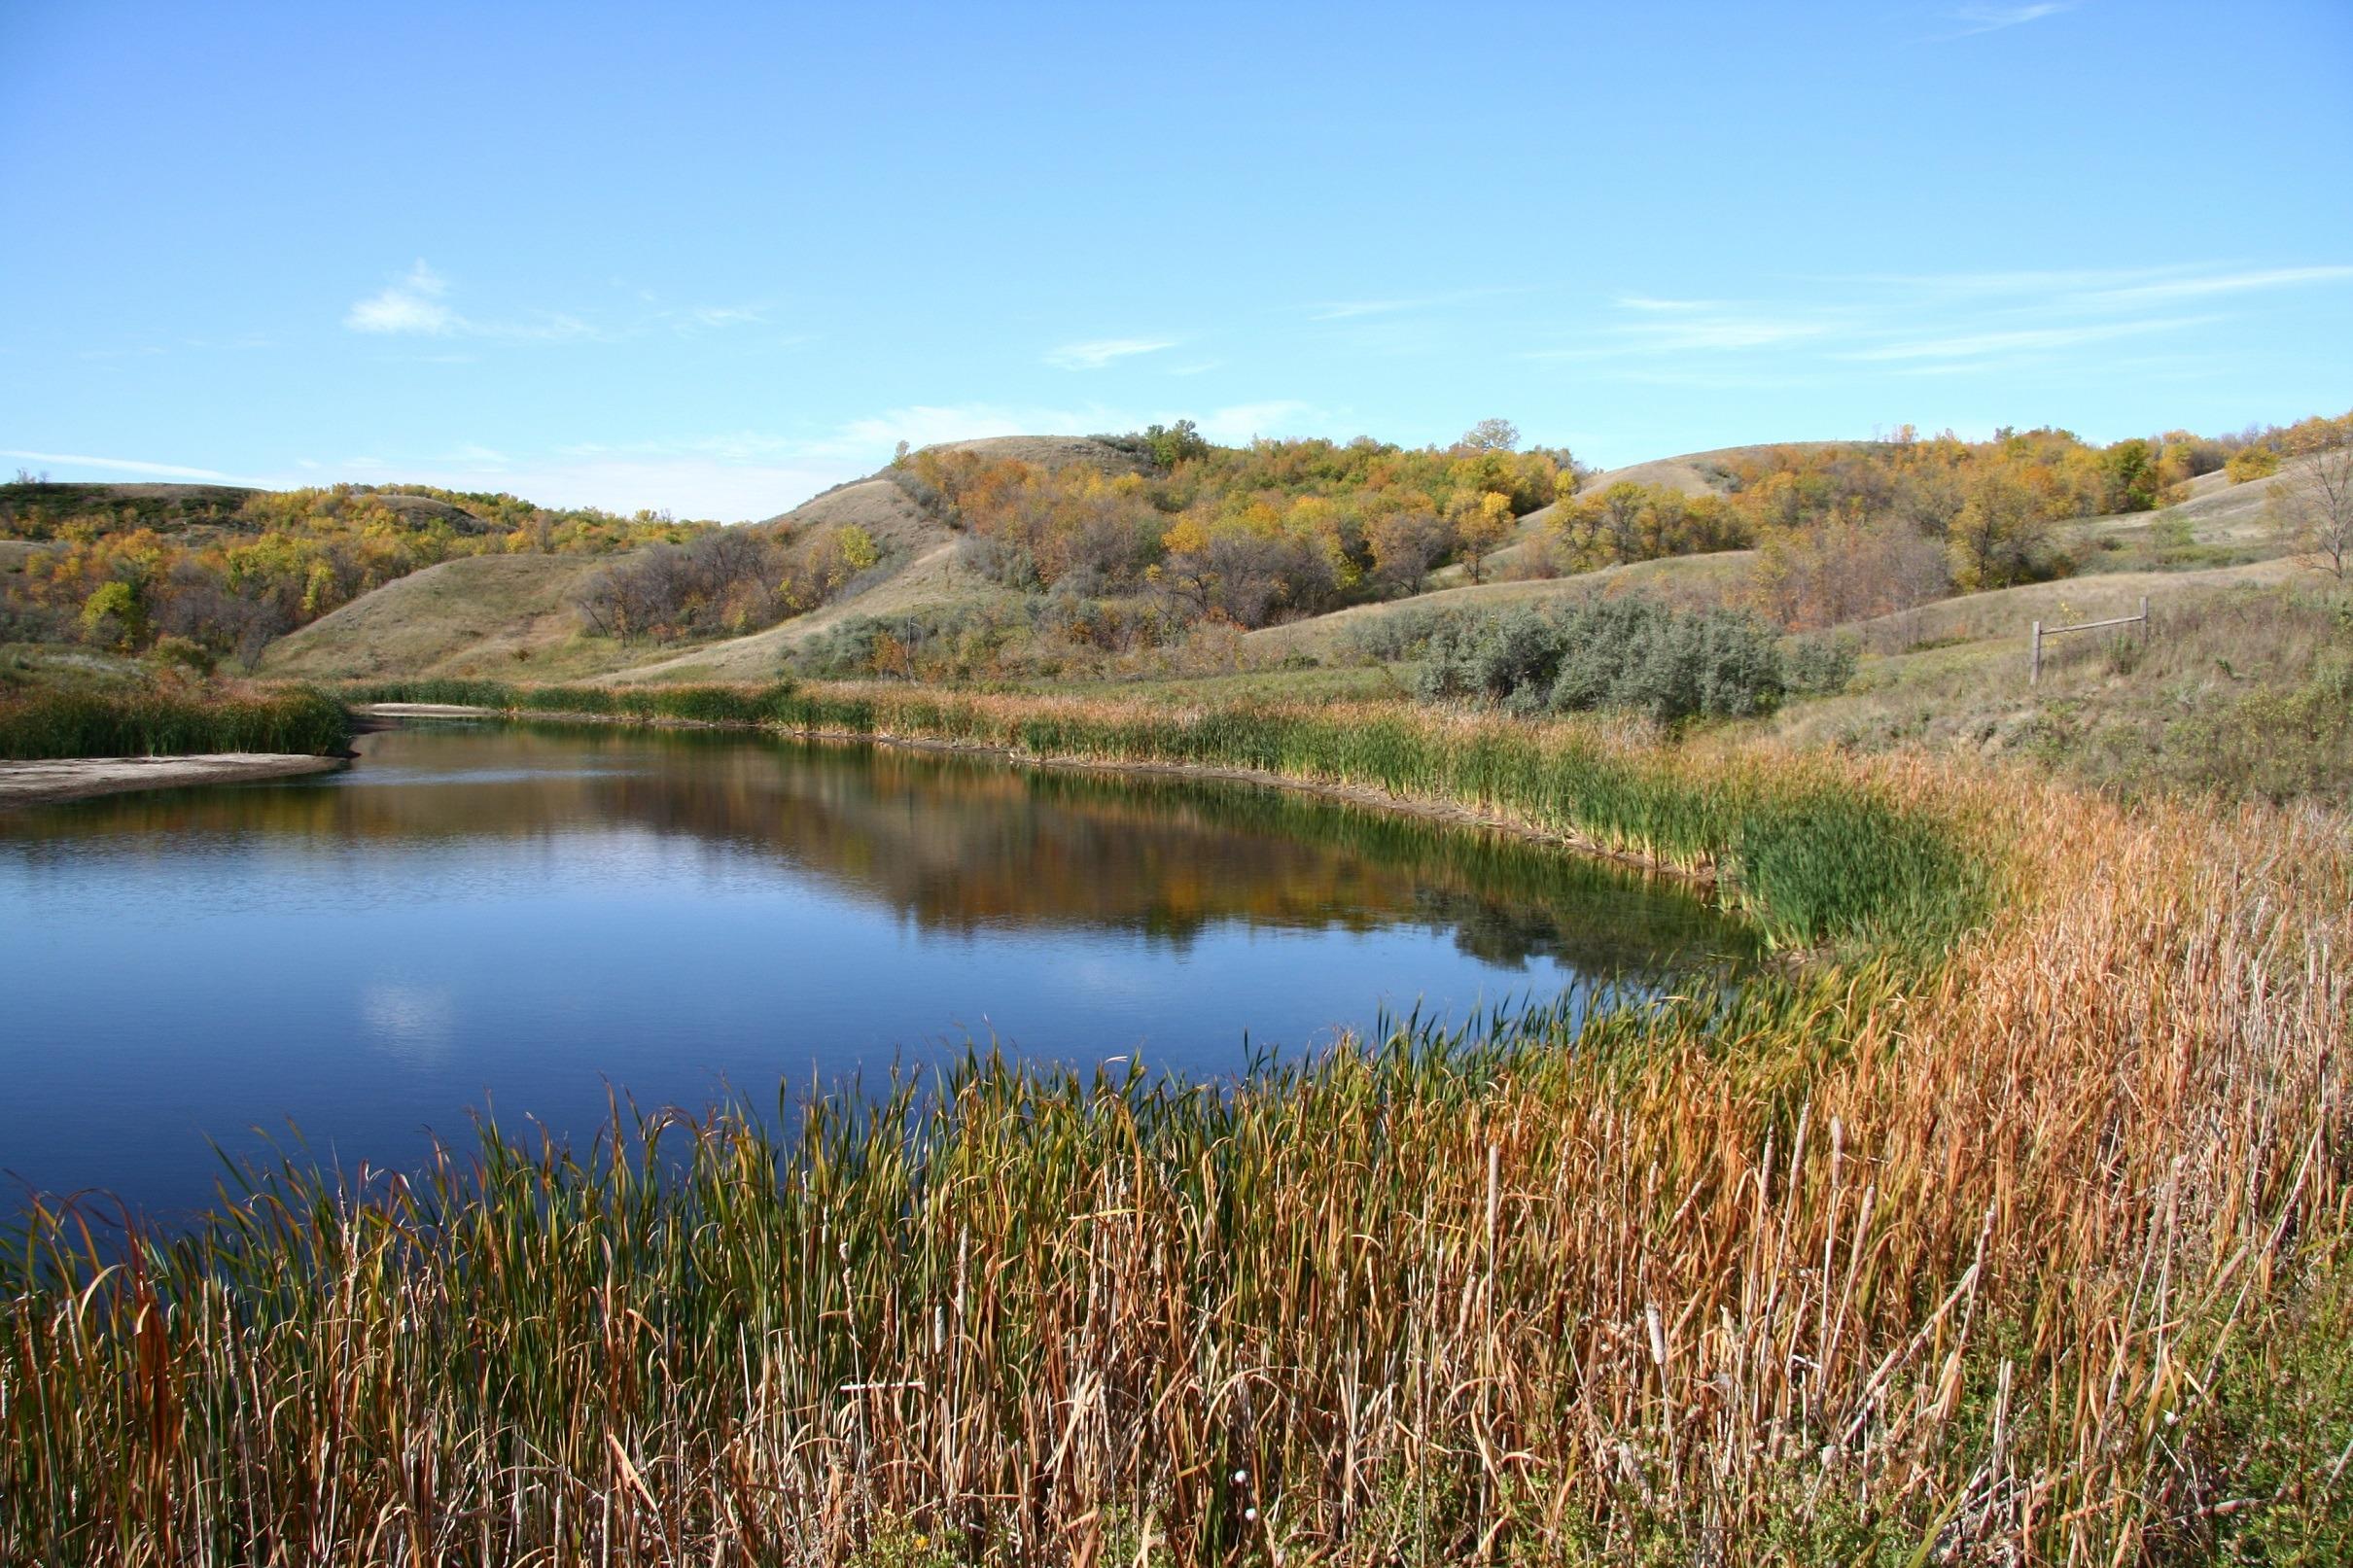 East Arroda Lake